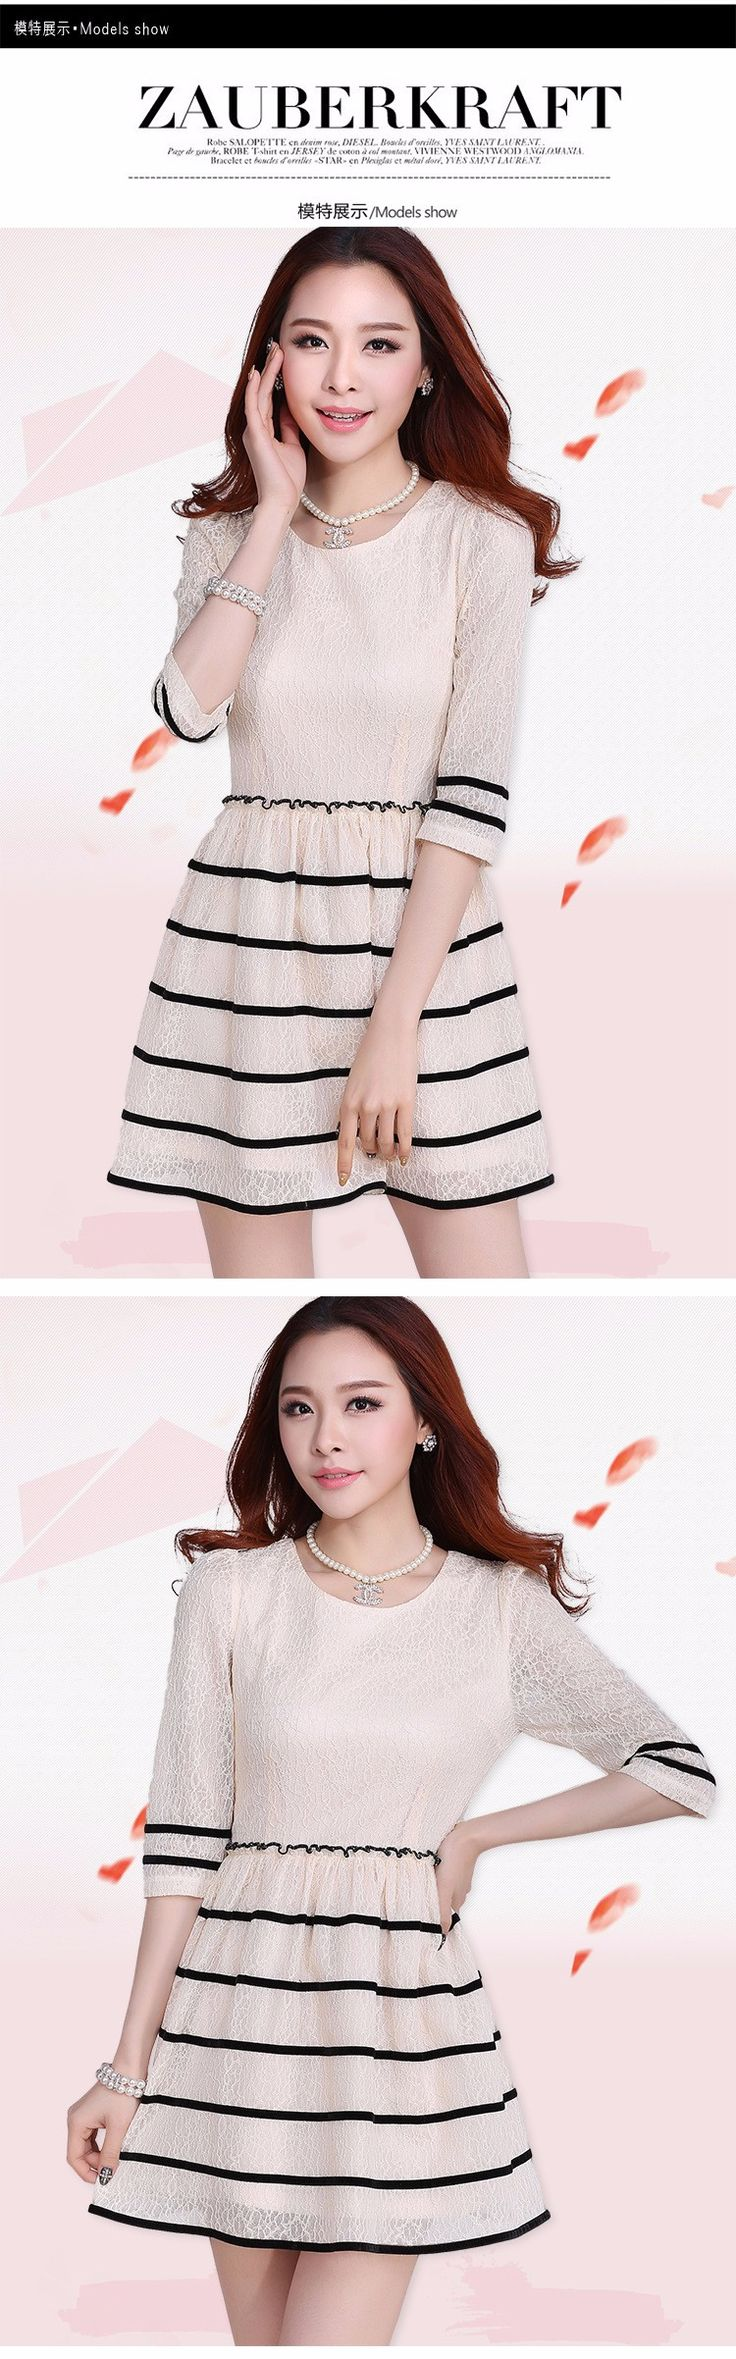 723 besten DRESSES Bilder auf Pinterest | Frau, Women\'s dresses und ...